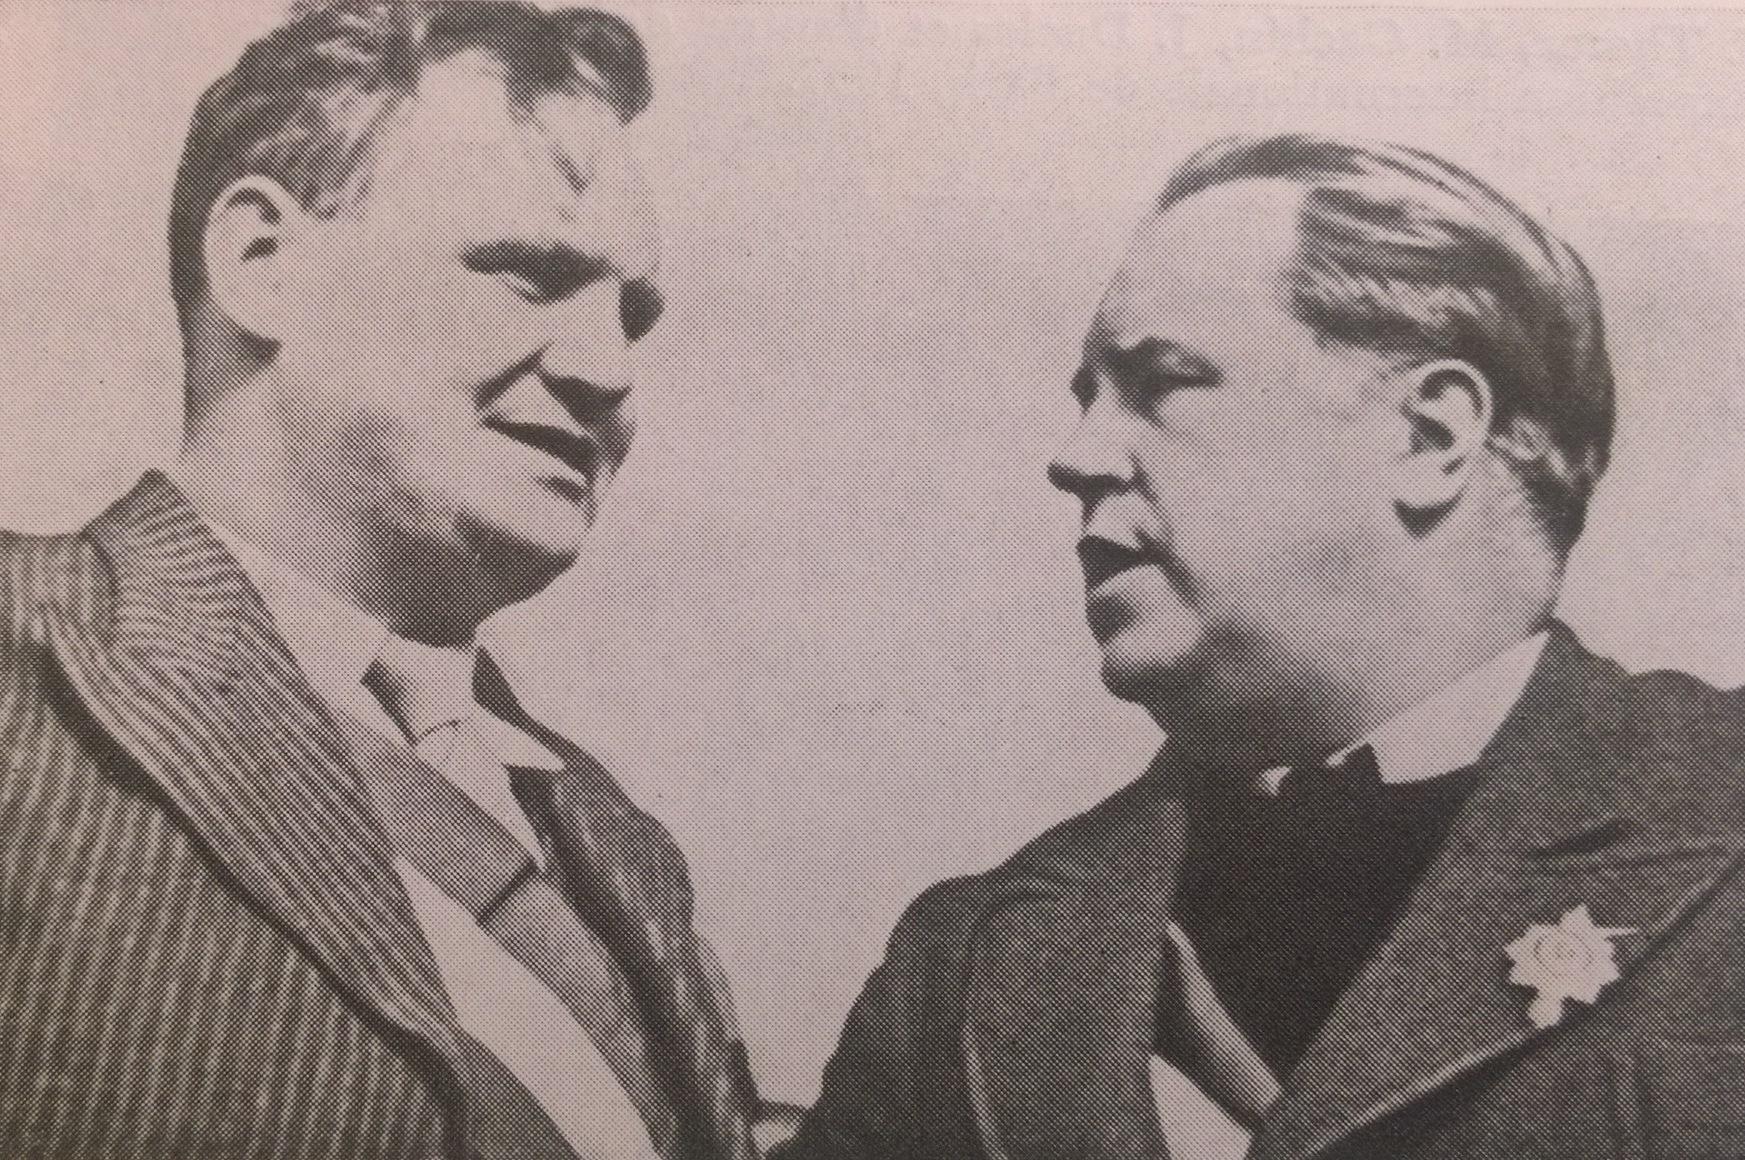 Морис Торез и Поль Вайян-Кутюрье. Париж. 1930-е годы